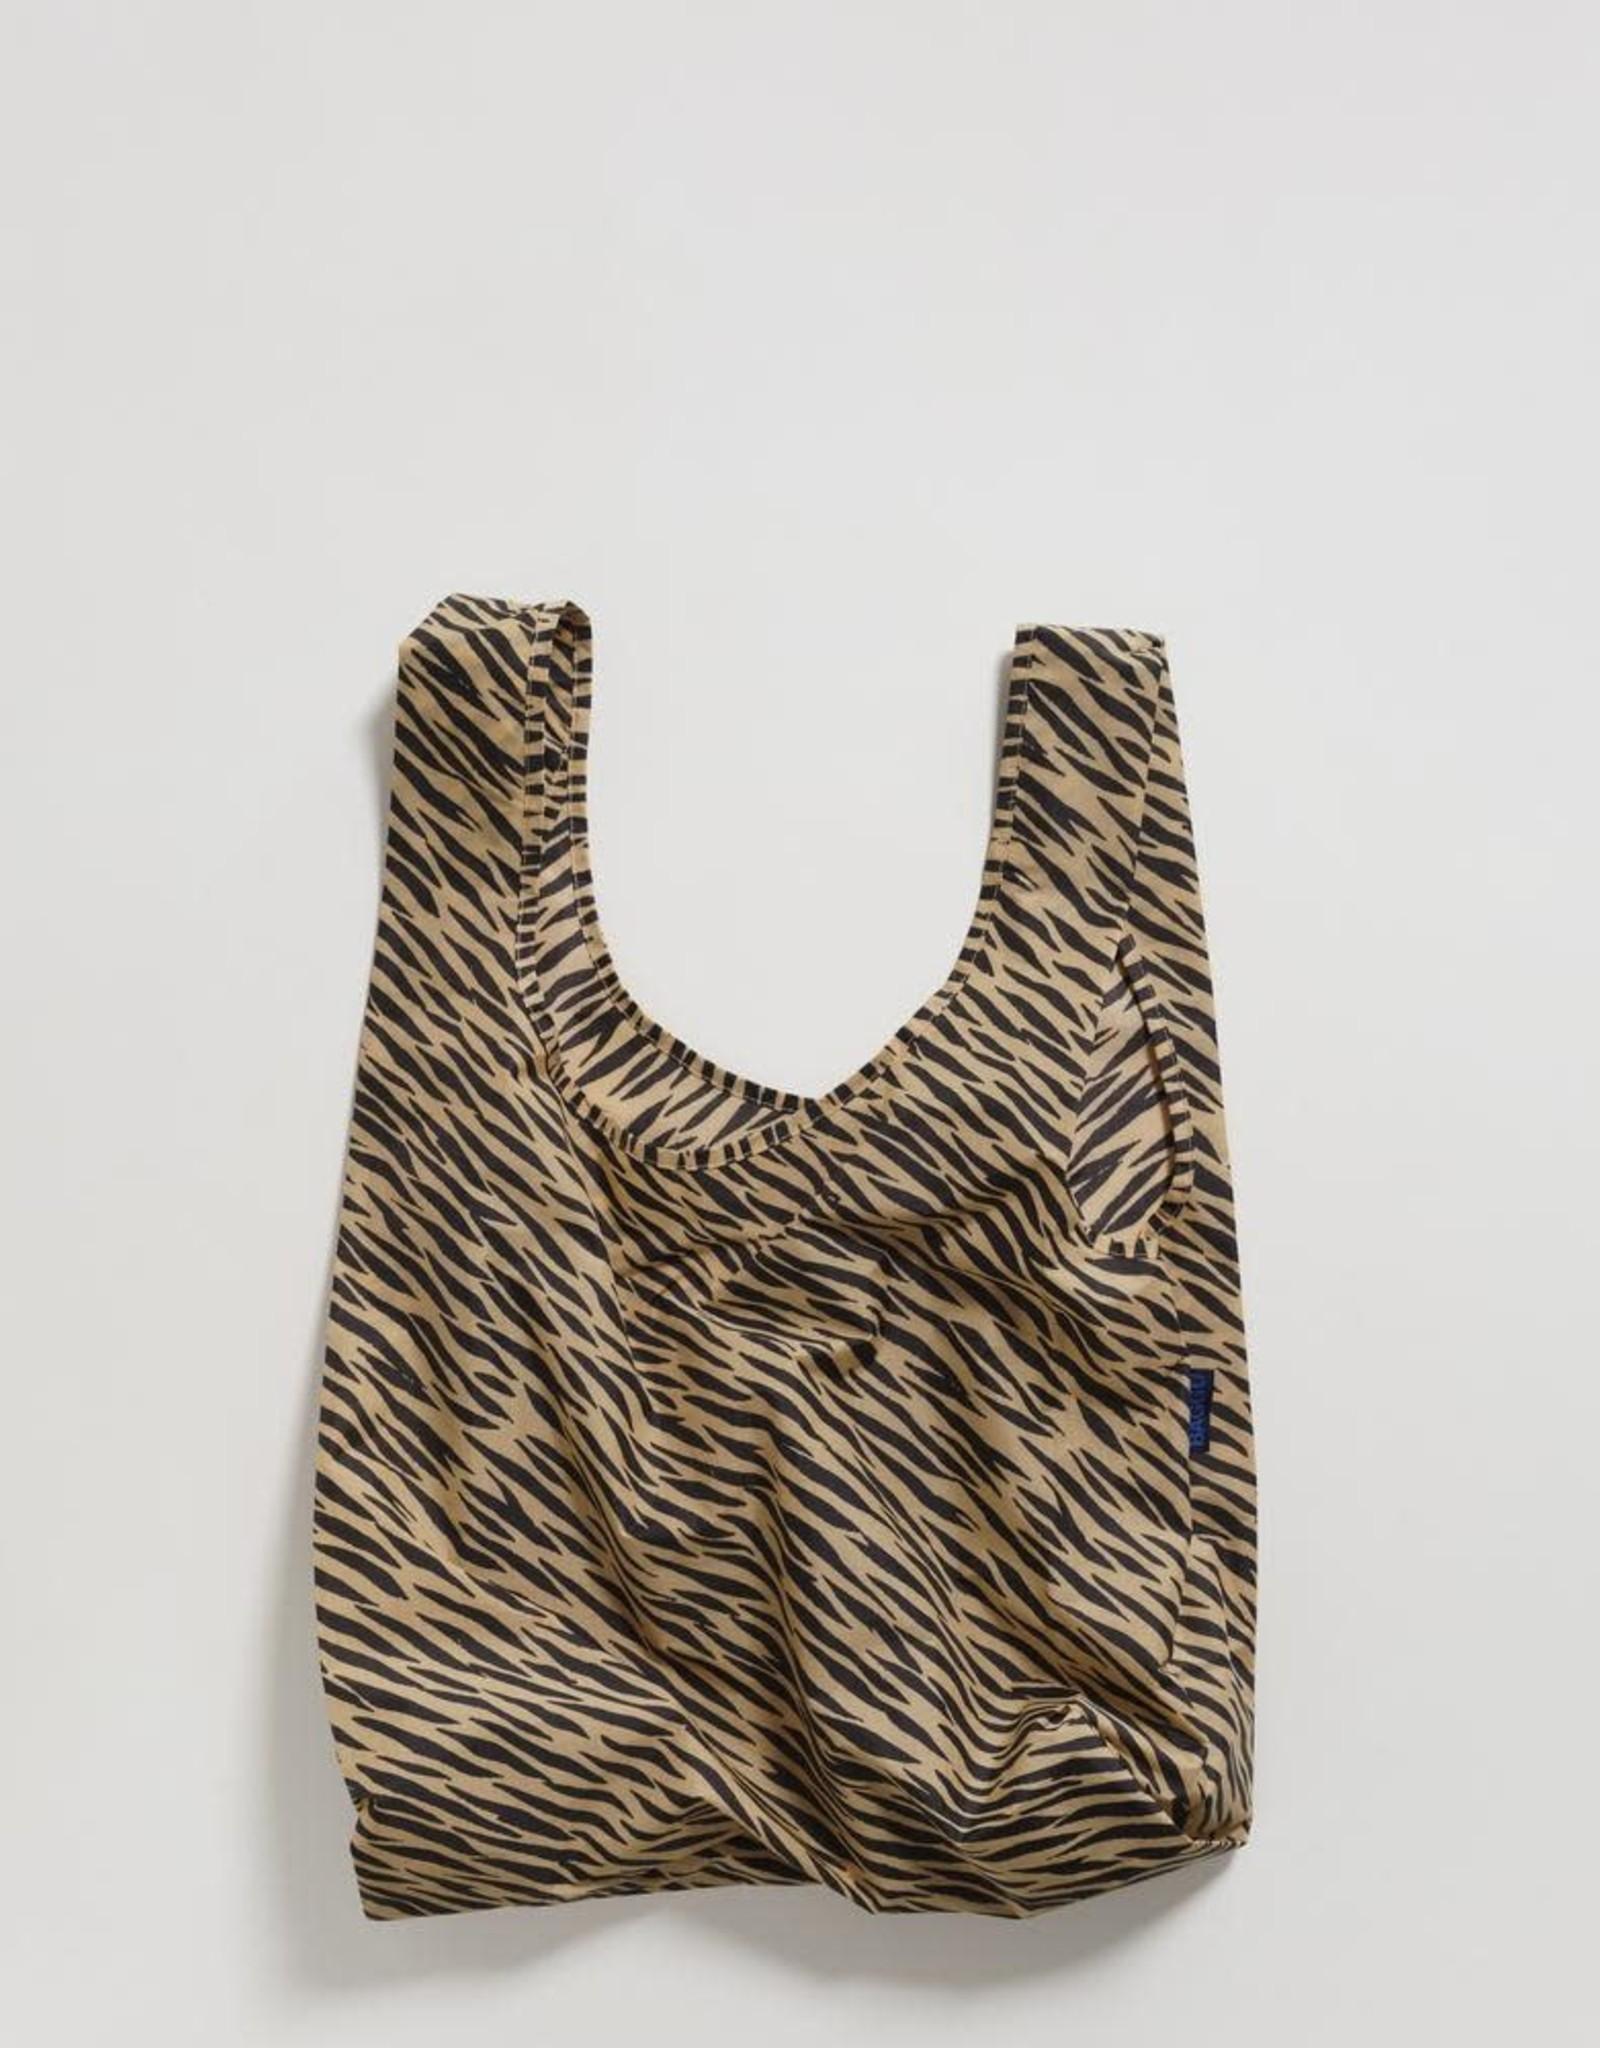 Tiger Stripe Reusable Shopping Bag